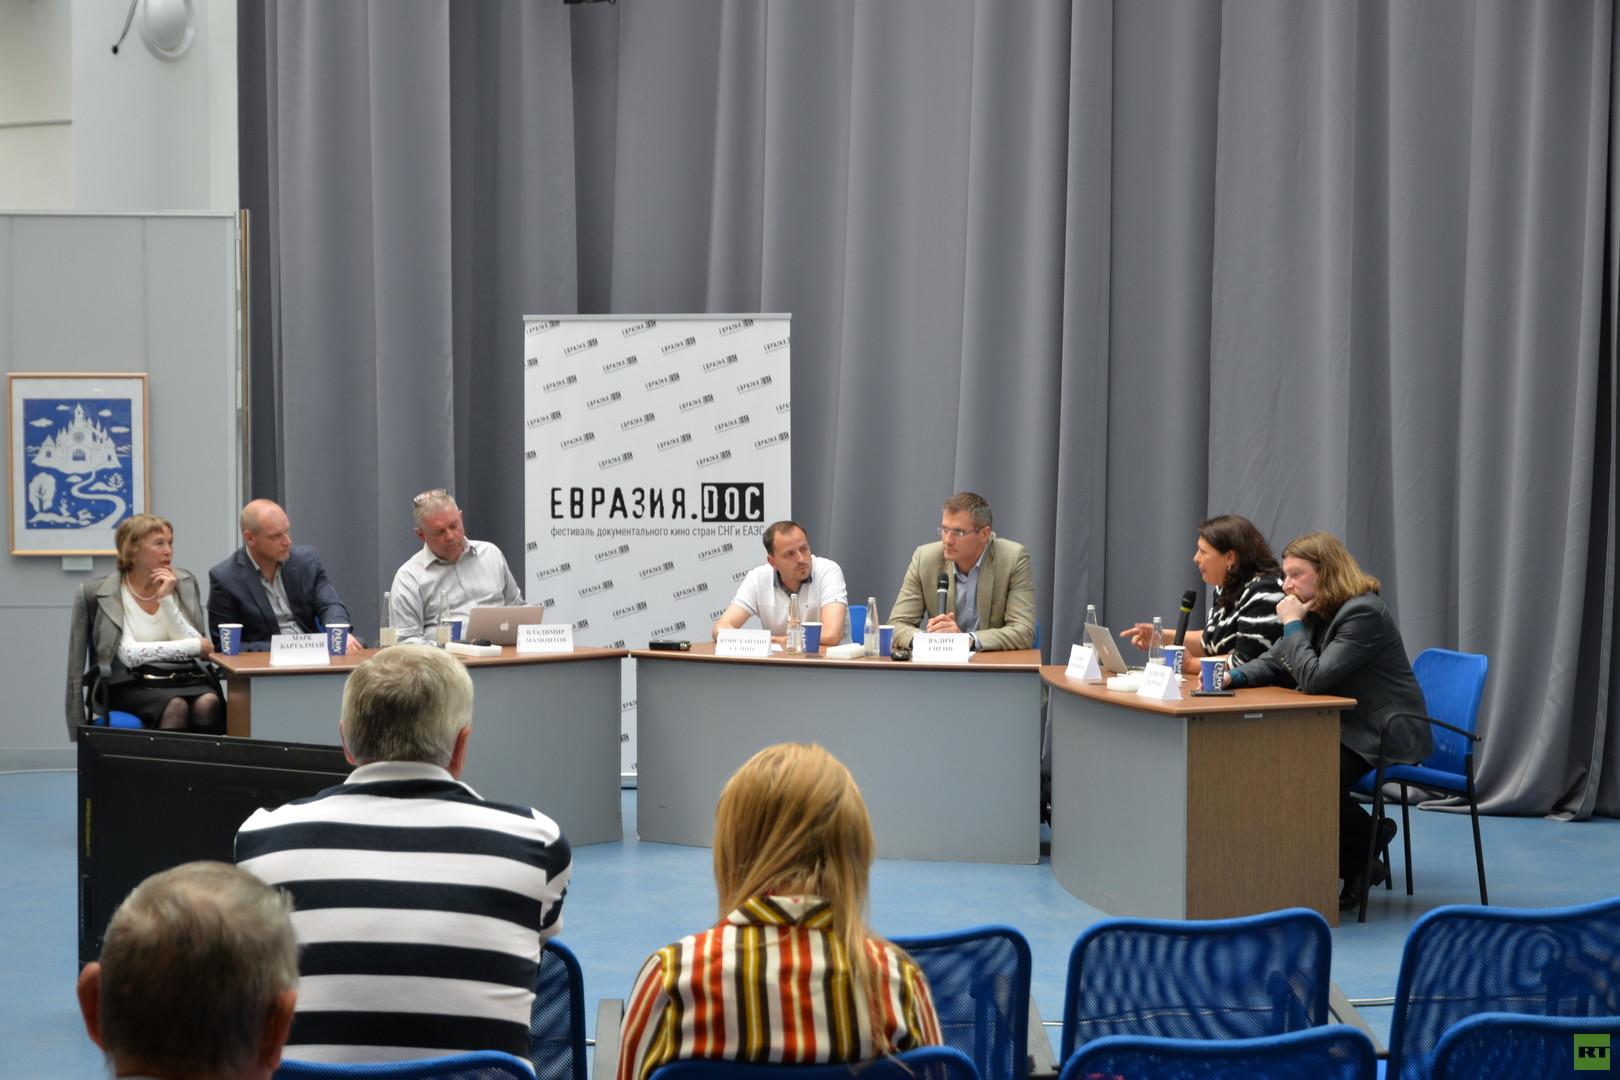 Podiumsdiskussion mit den beteiligen Dokumentarfilmern zu Ursachen von Farbrevolutionen, Smolensk, Juni 2016